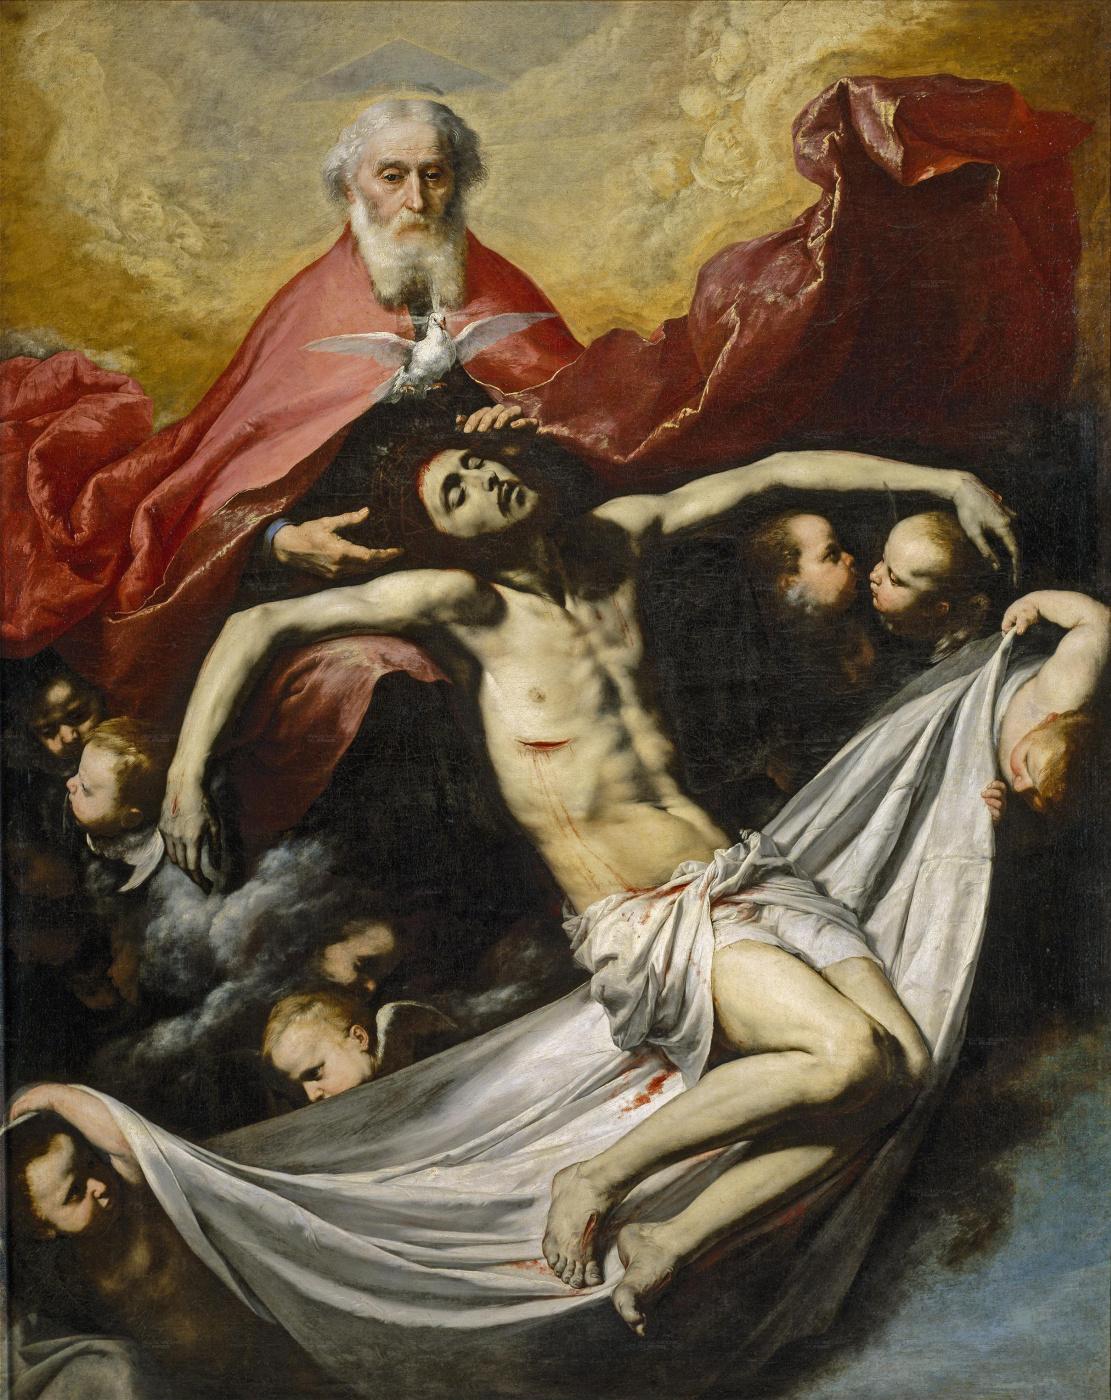 Holy Trinity by Jose de Ribera: History, Analysis & Facts